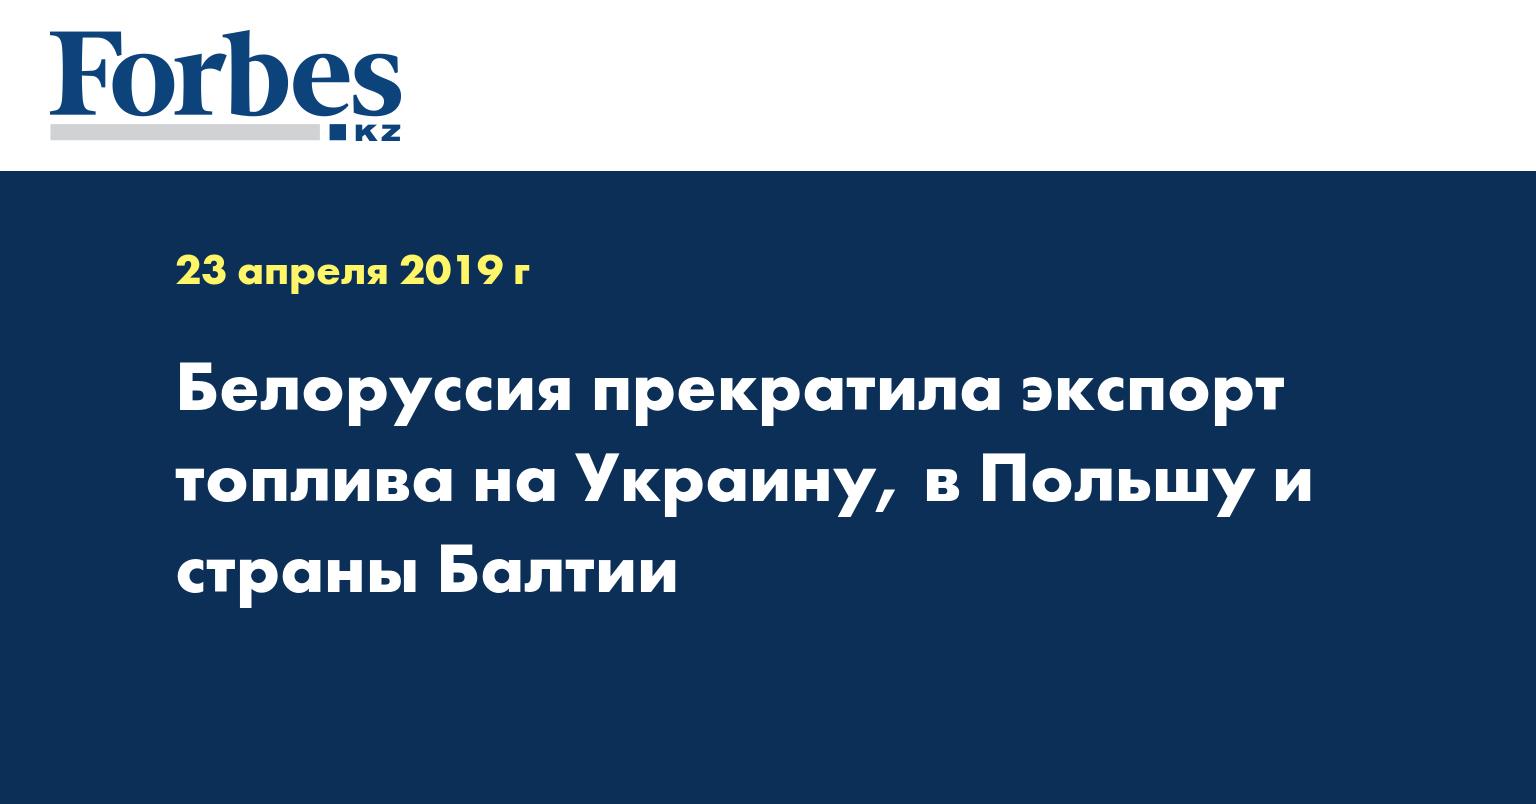 Белоруссия прекратила экспорт топлива на Украину, в Польшу и страны Балтии